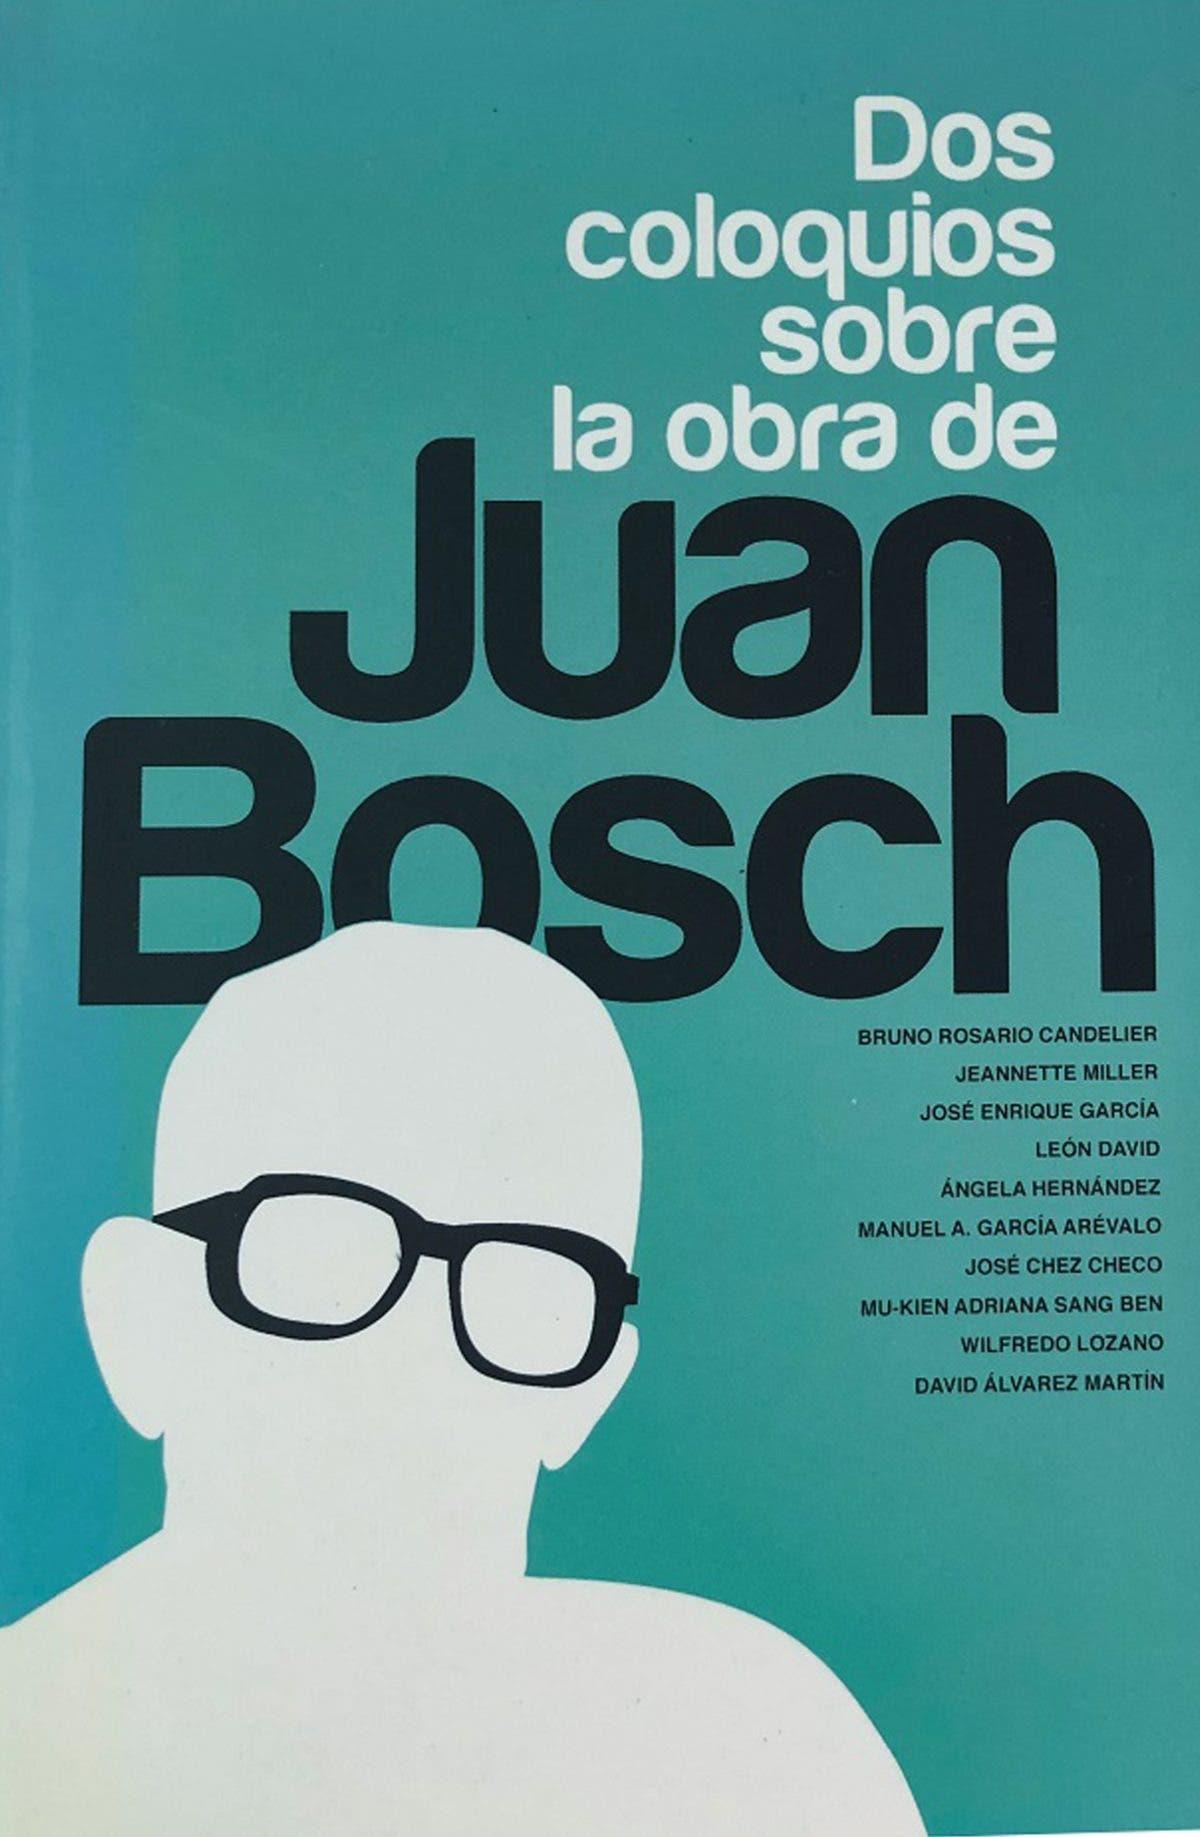 EL DISCURSO ONTOLÓGICO SOBRE EL DOMINICANO Y EL GIRO EPISTÉMICO DE JUAN BOSCH